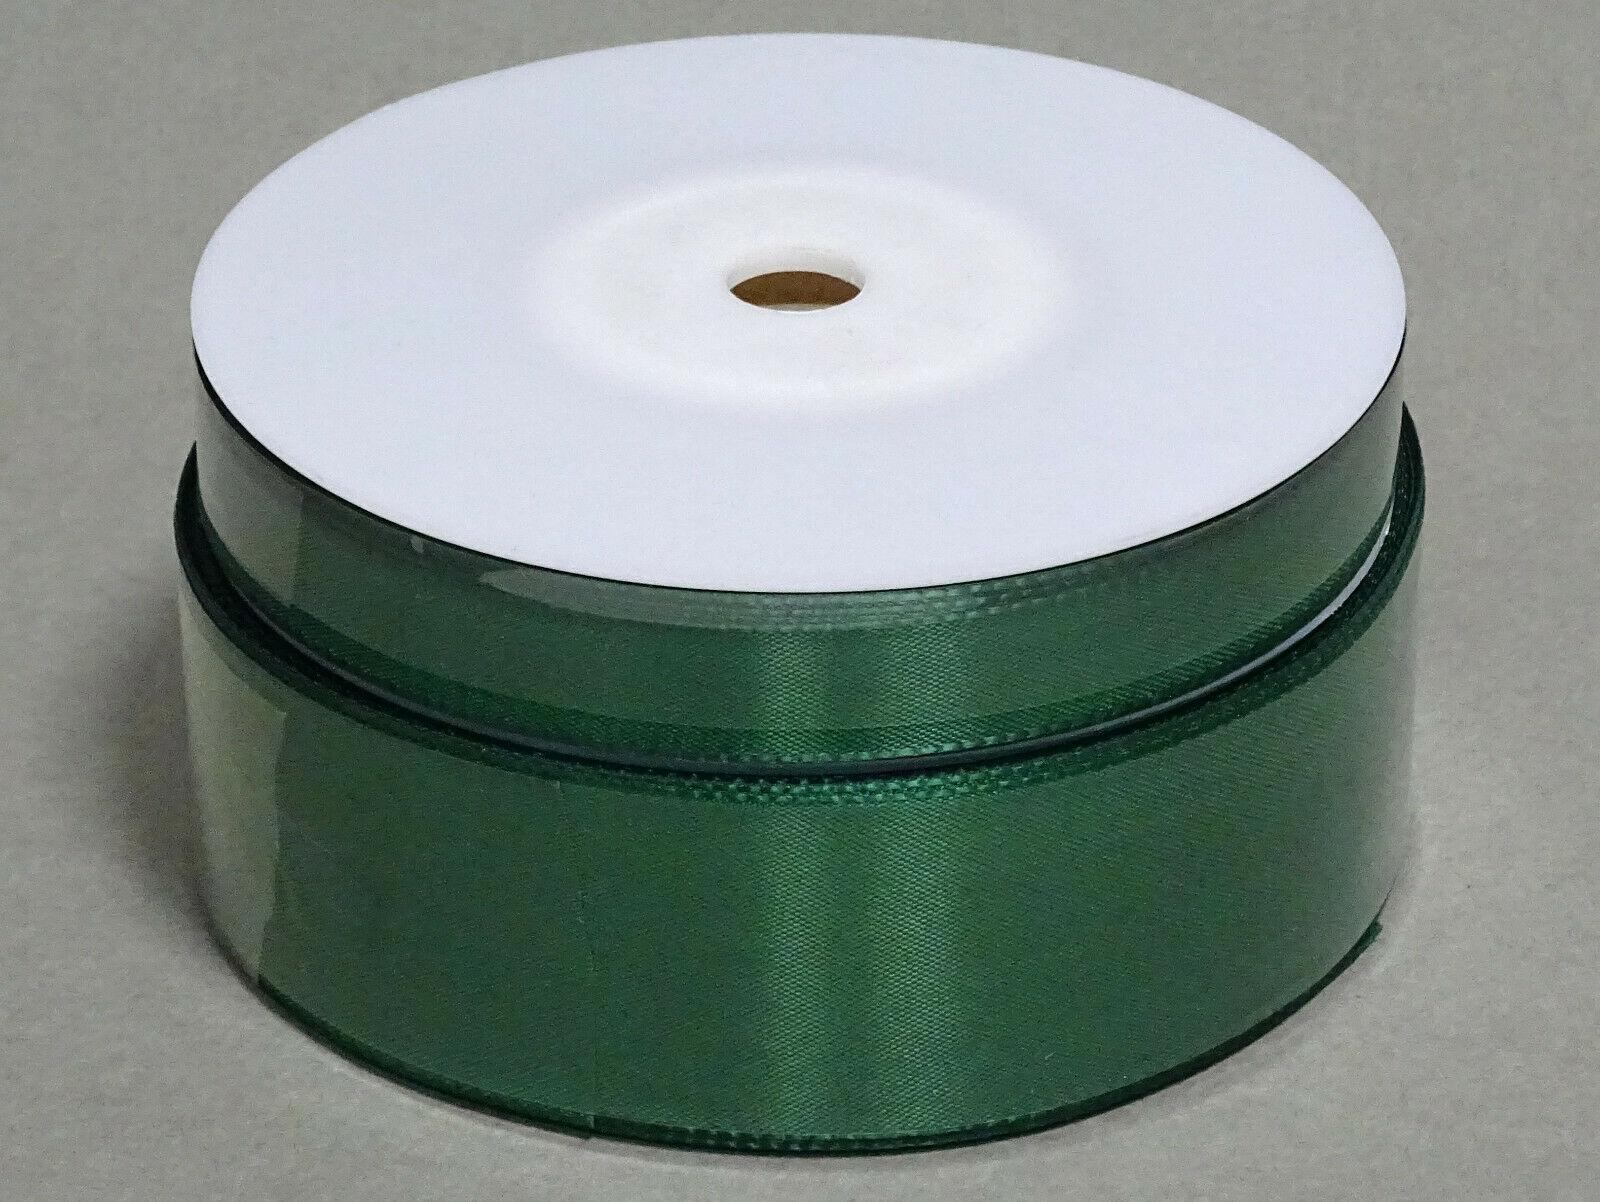 Seidenband Schleifenband 50 m x 15 / 25 / 40mm Dekoband ab 0,08€/m Geschenkband  - Grün 858, 40 mm x 50 m